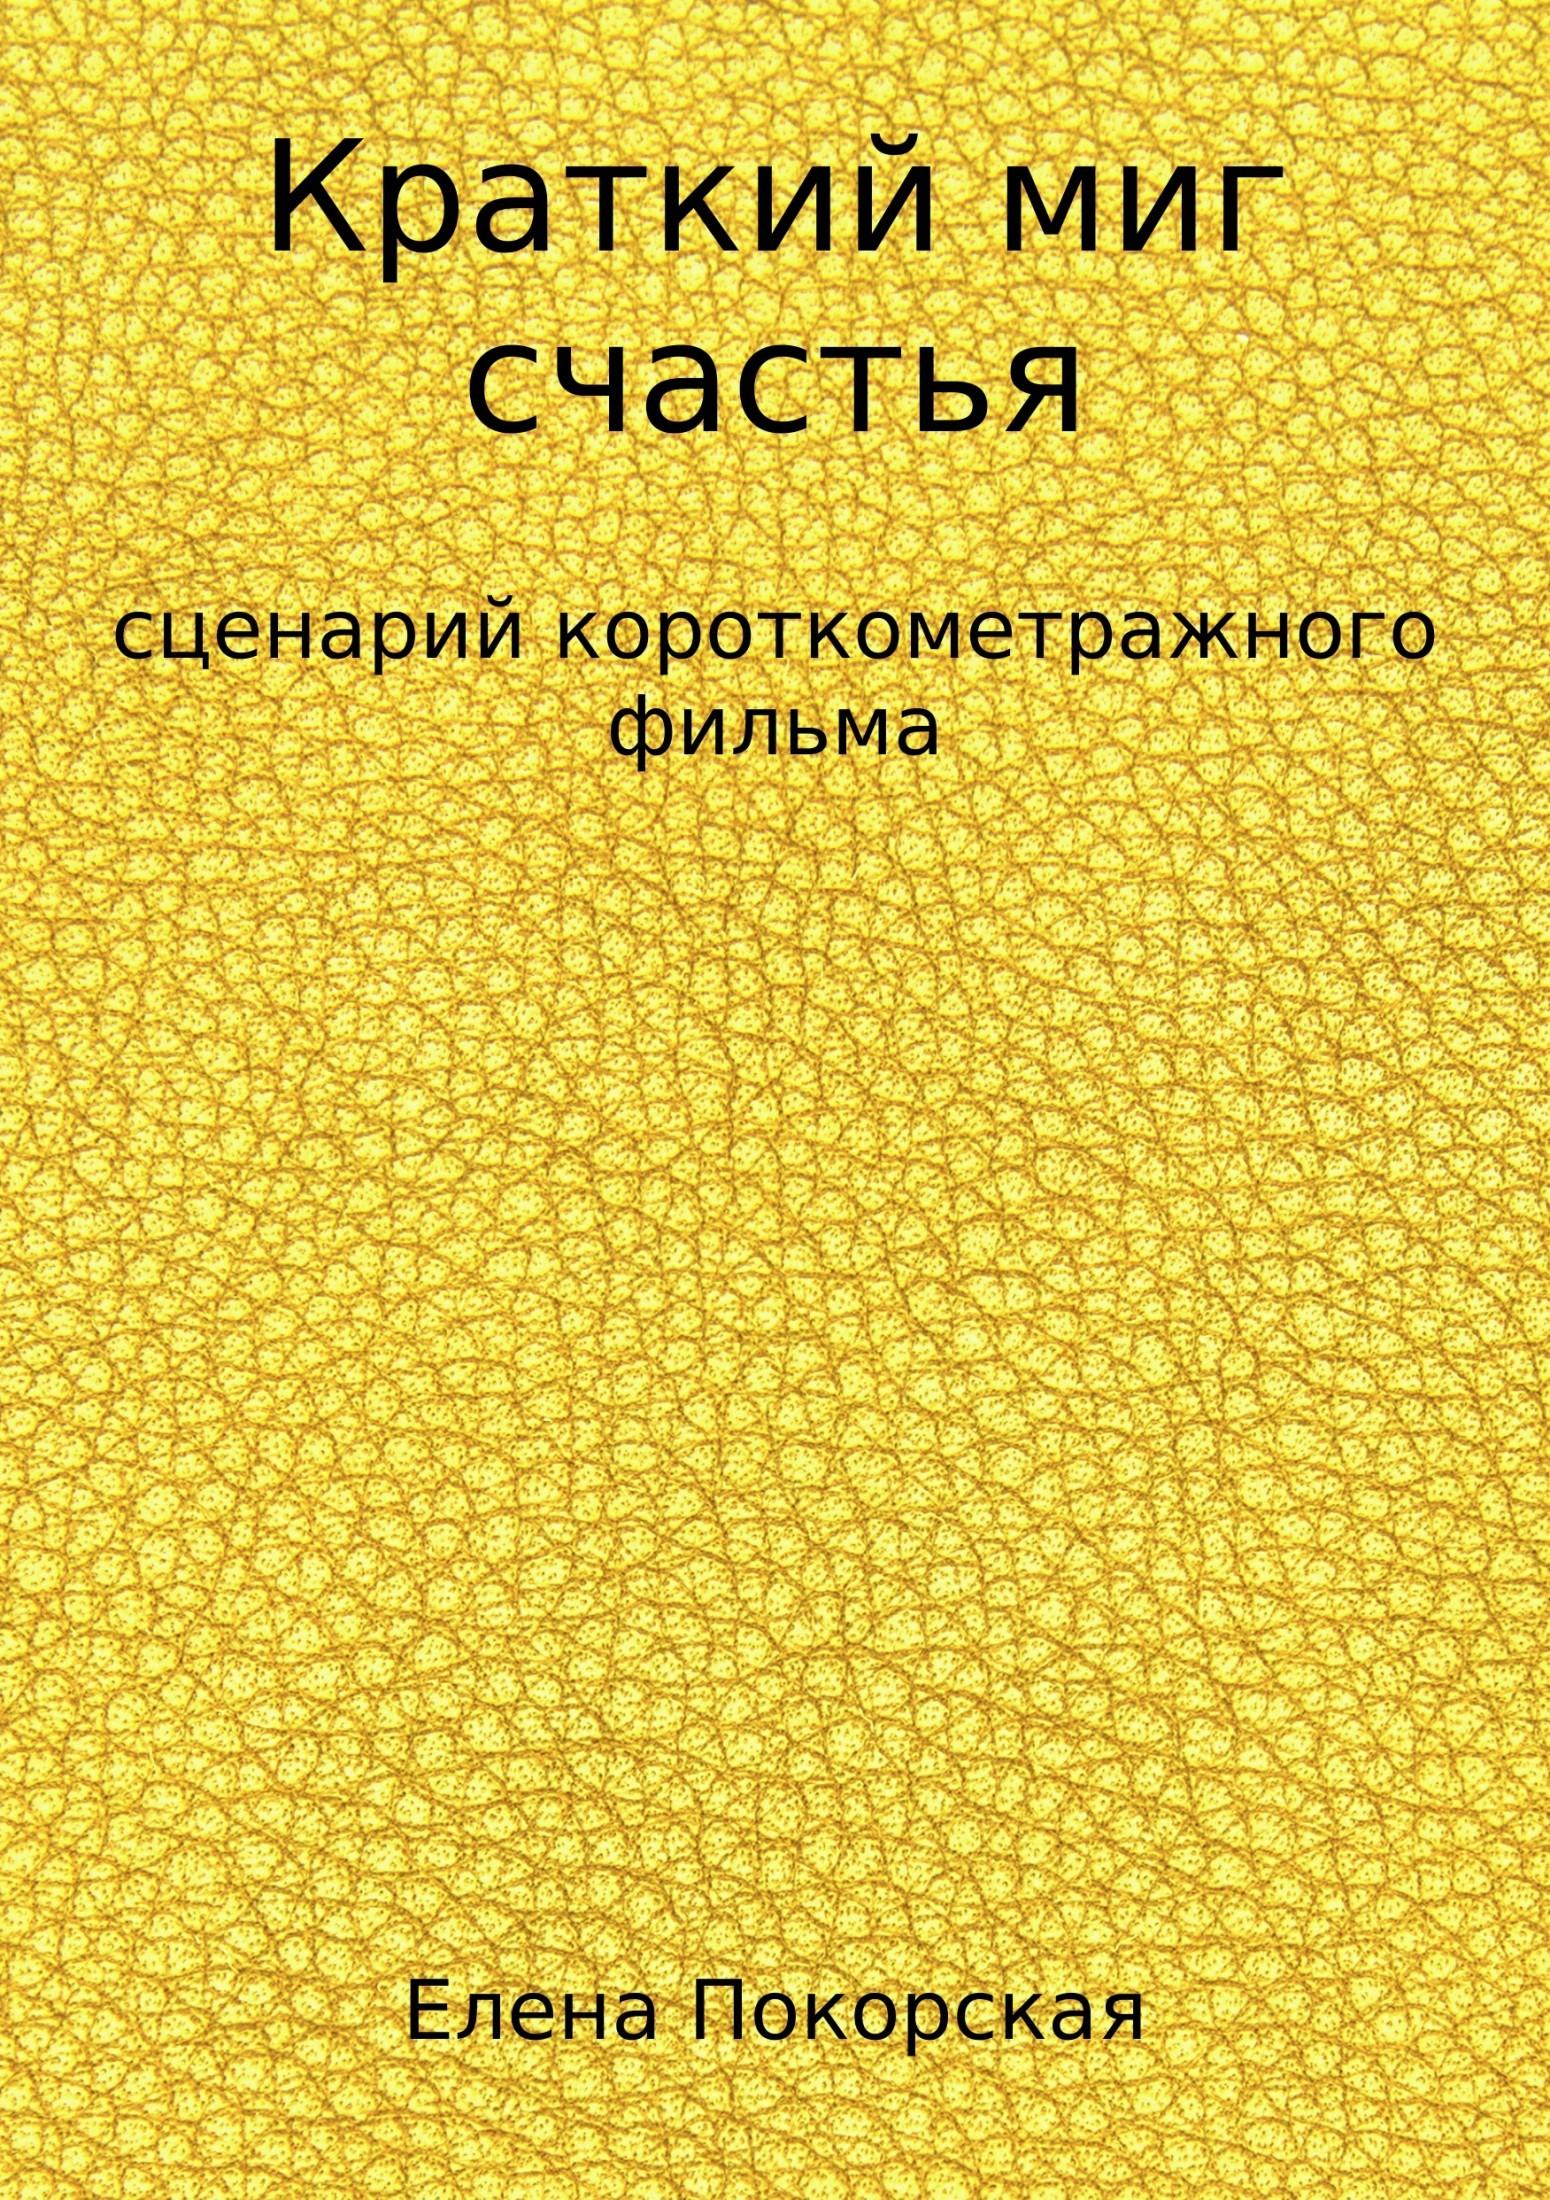 Елена Покорская Краткий миг счастья цена